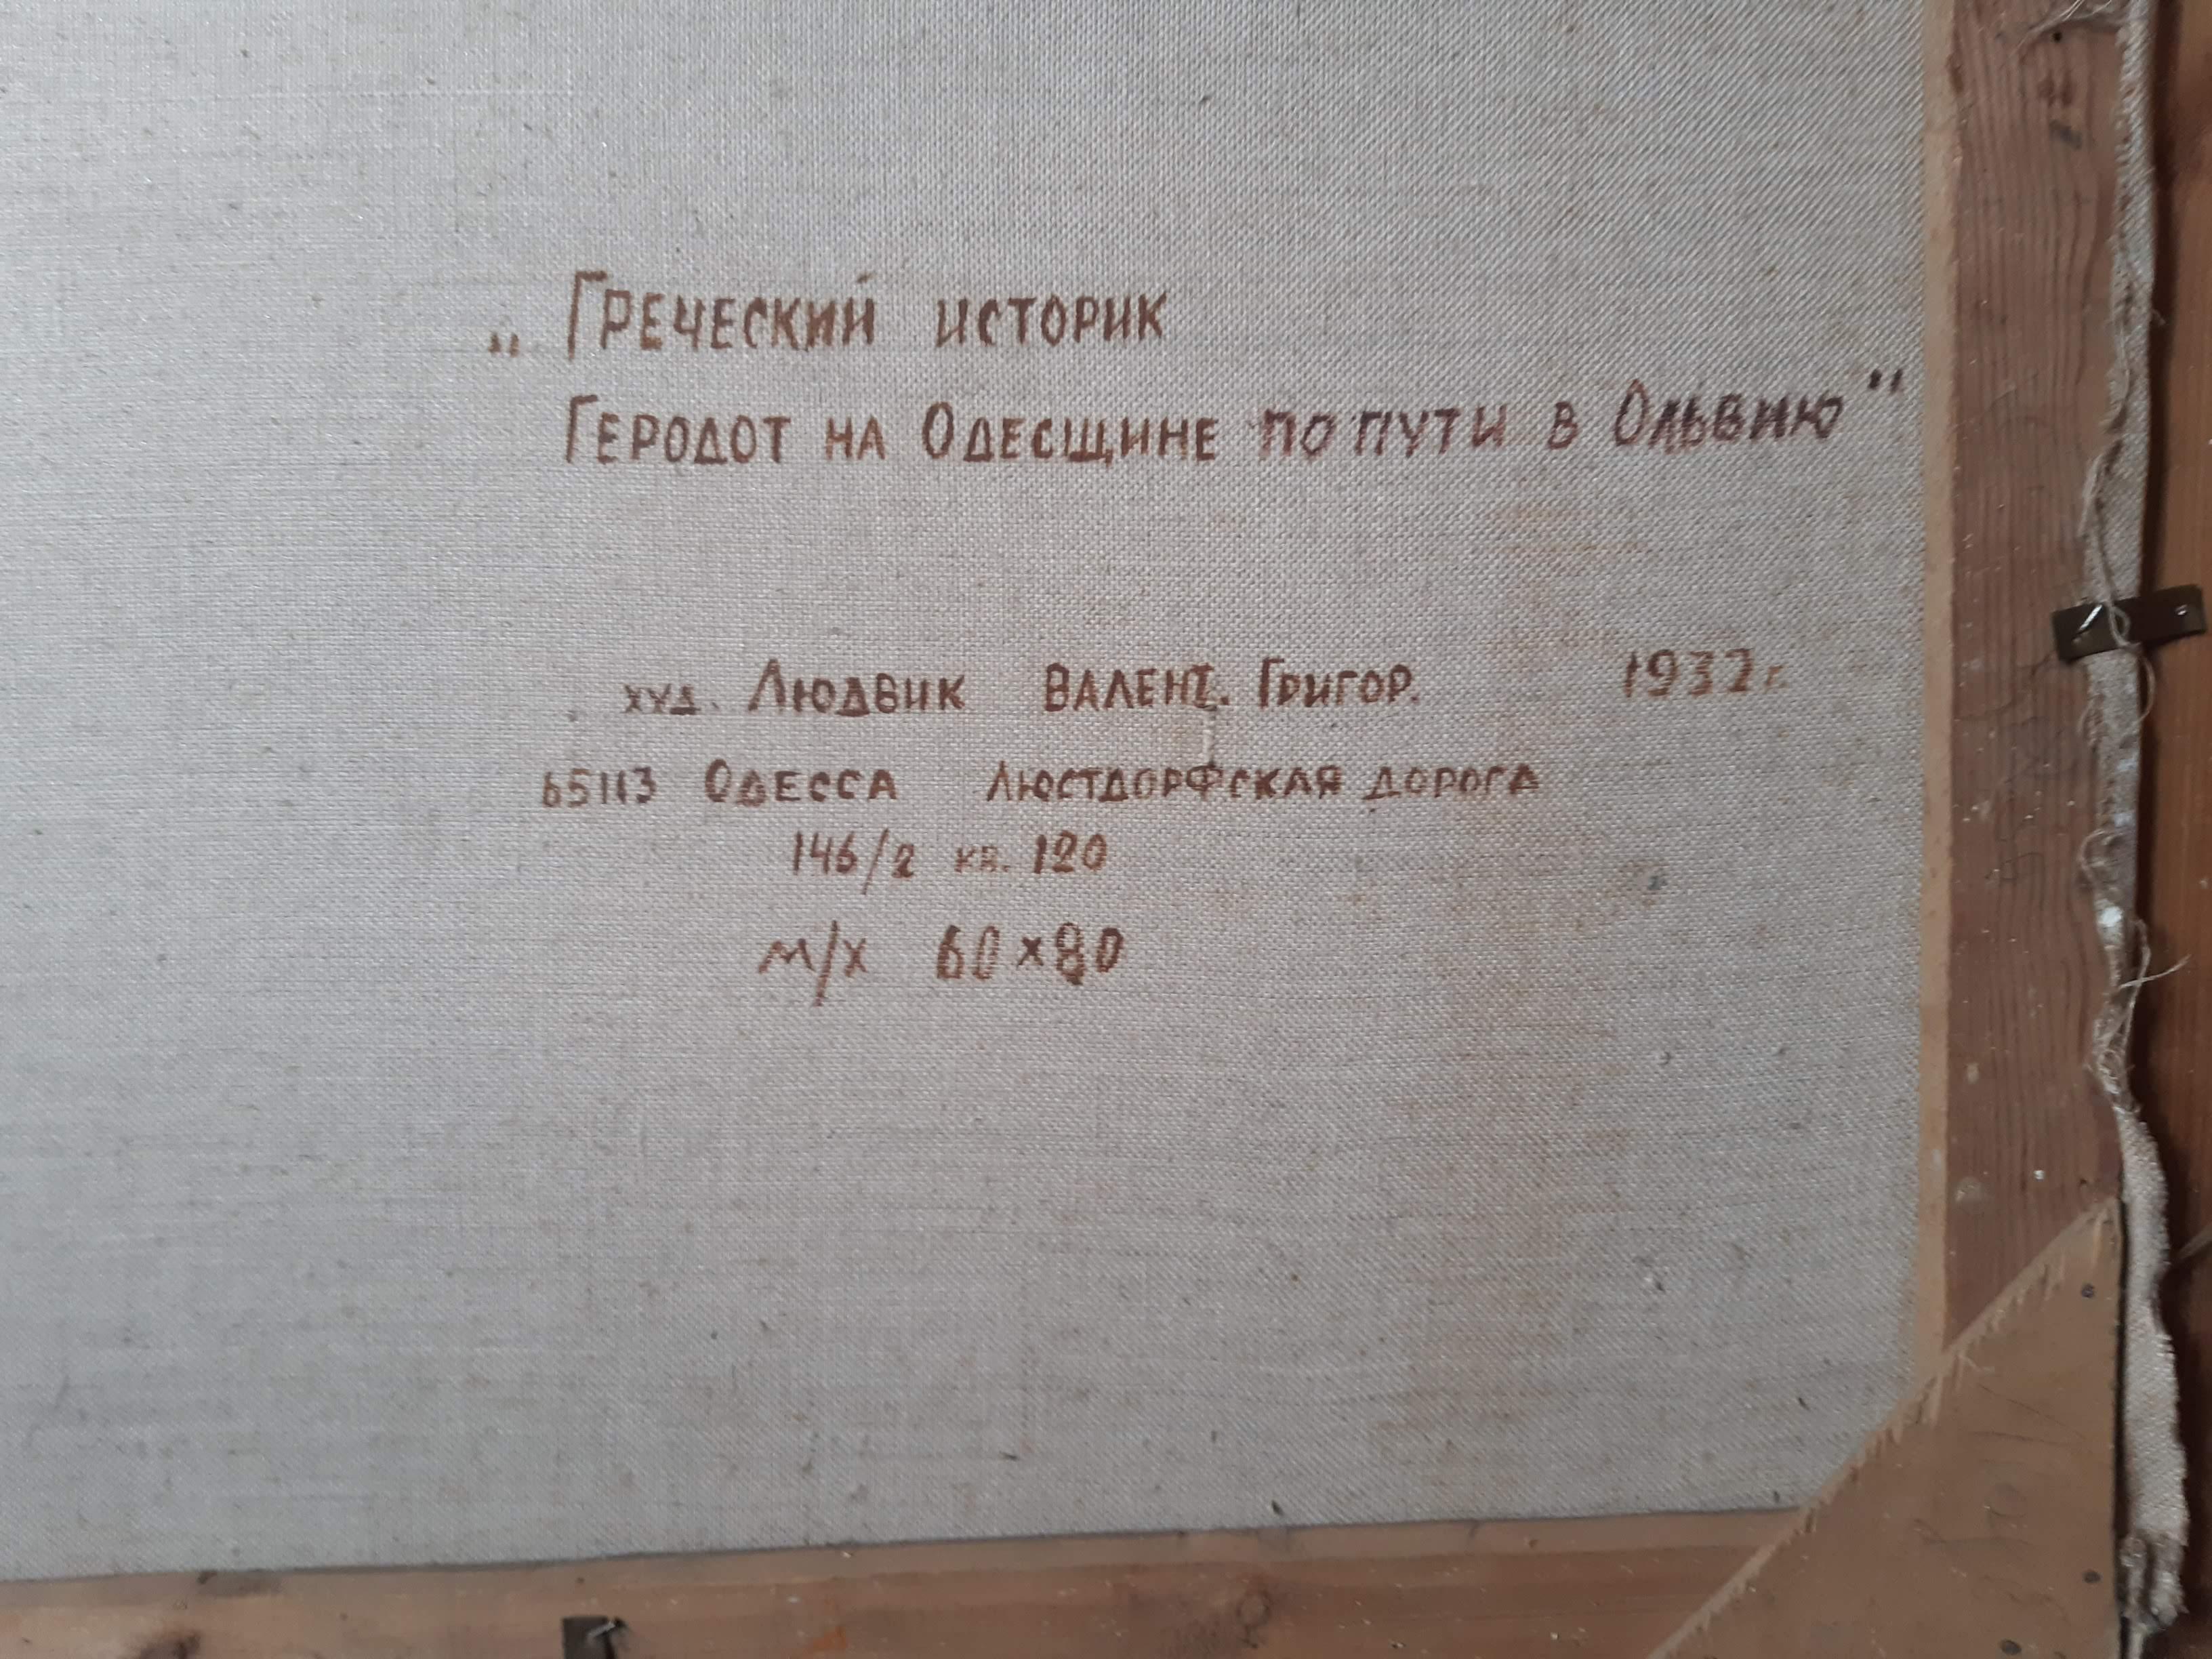 Геродот на Одещине по пути в Ольвию 60-80 см., холст, масло 2003 год  - 1